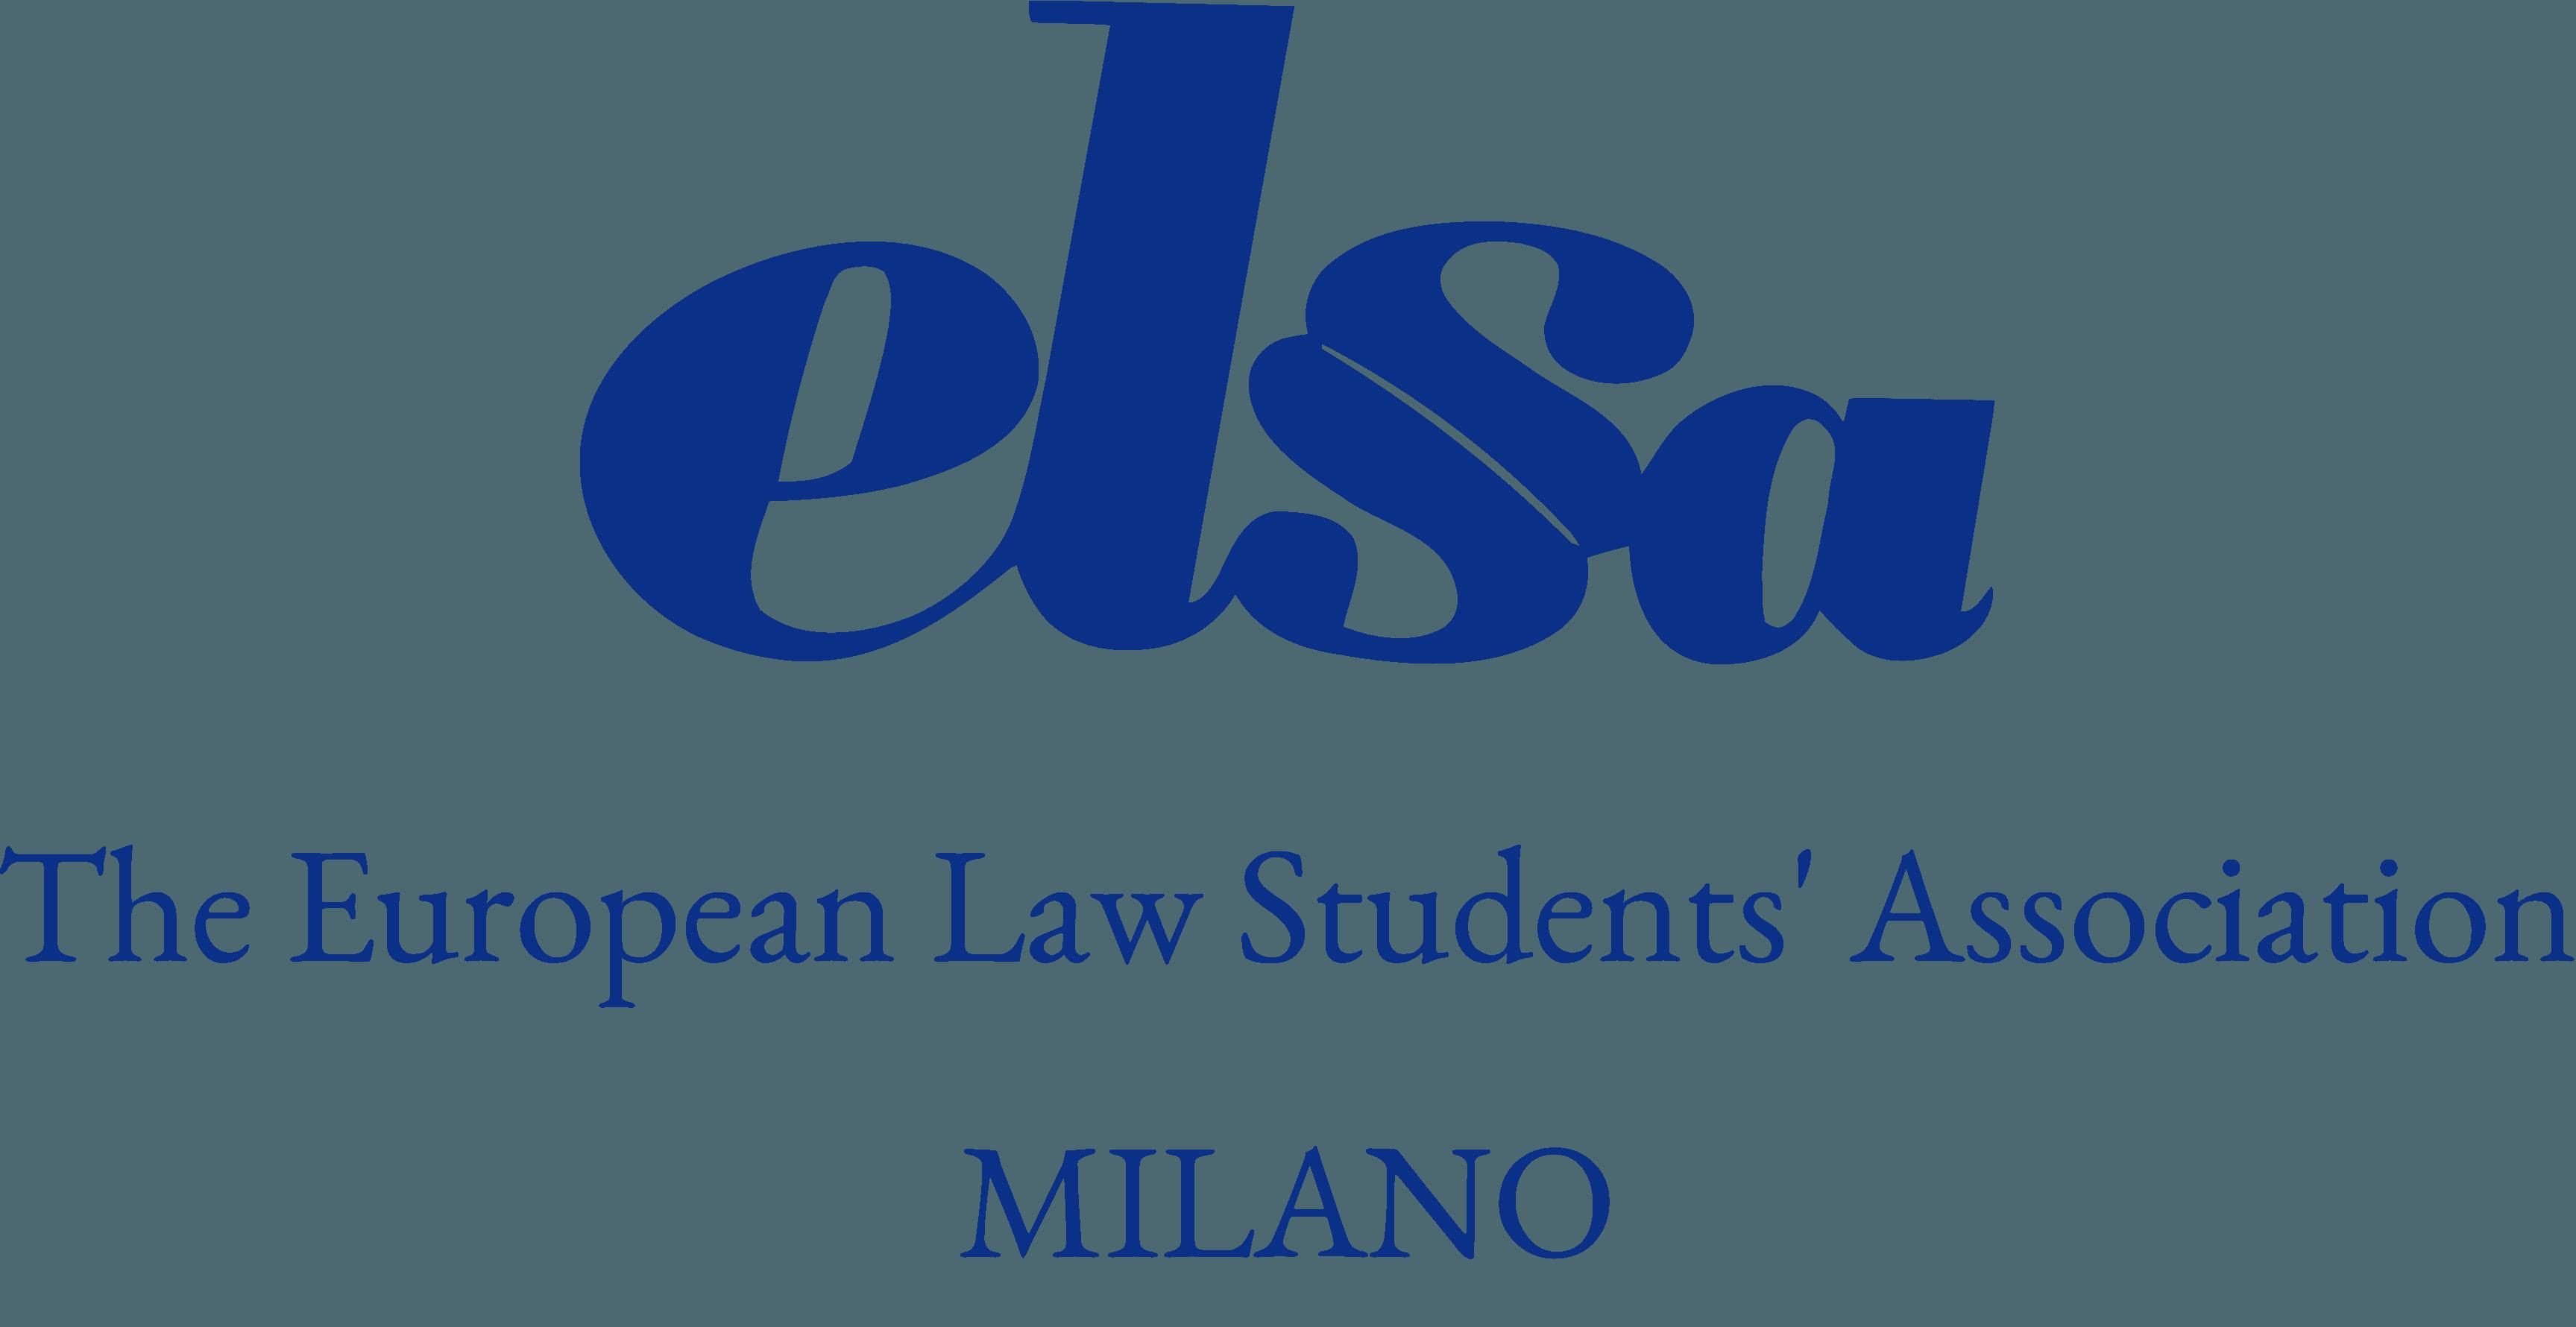 ELSA Milano